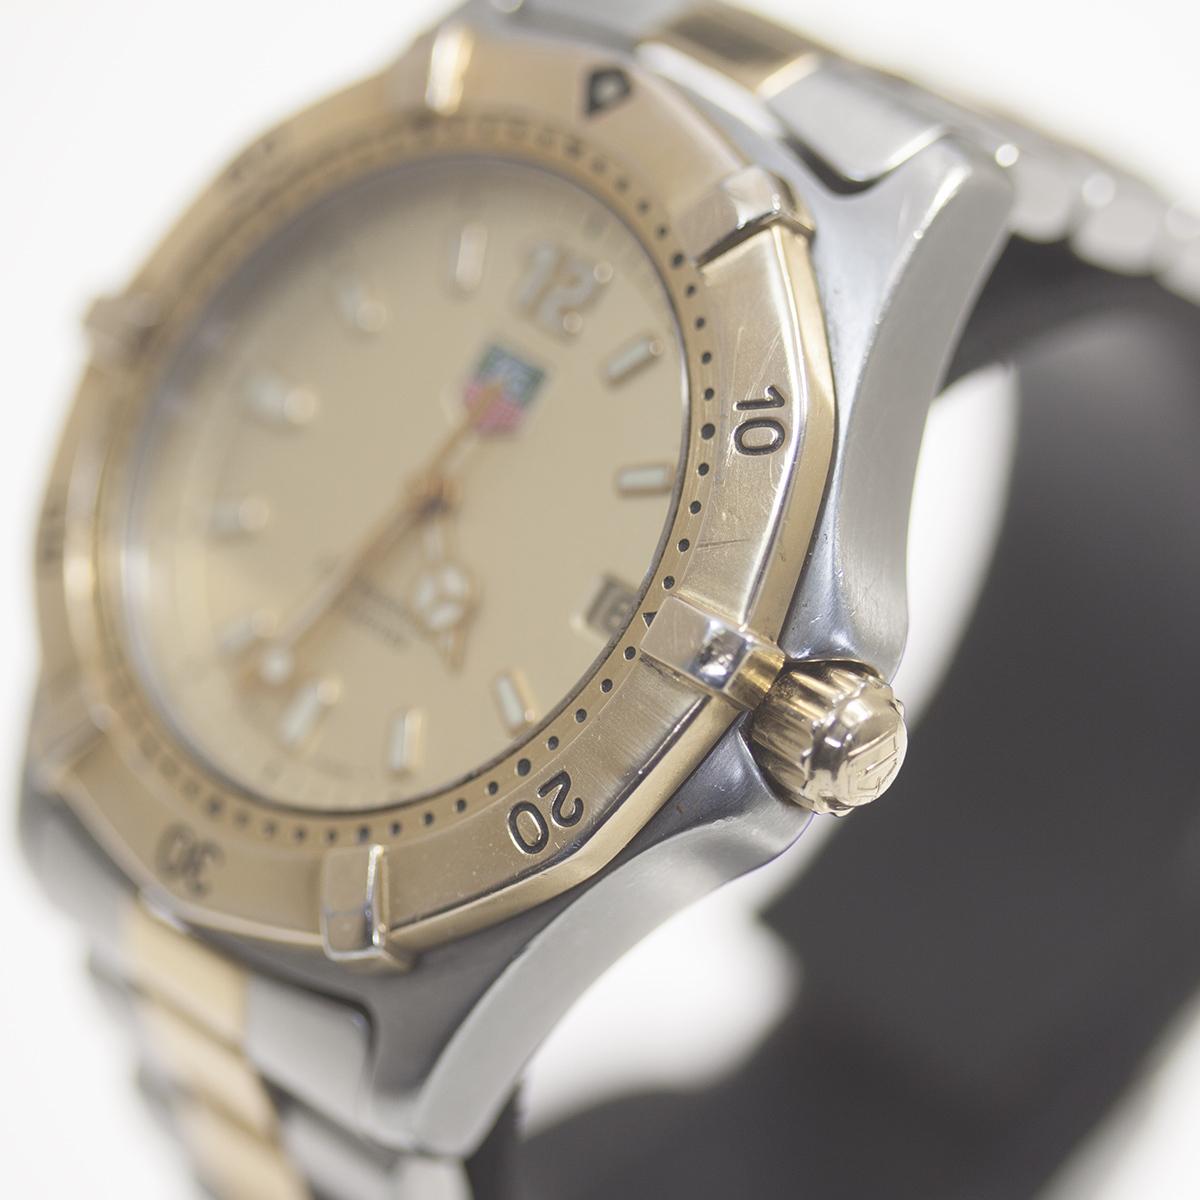 【TAG HEUER】タグホイヤー WK1121「プロフェッショナル 200m」クォーツ メンズ 腕時計【中古品】_画像2